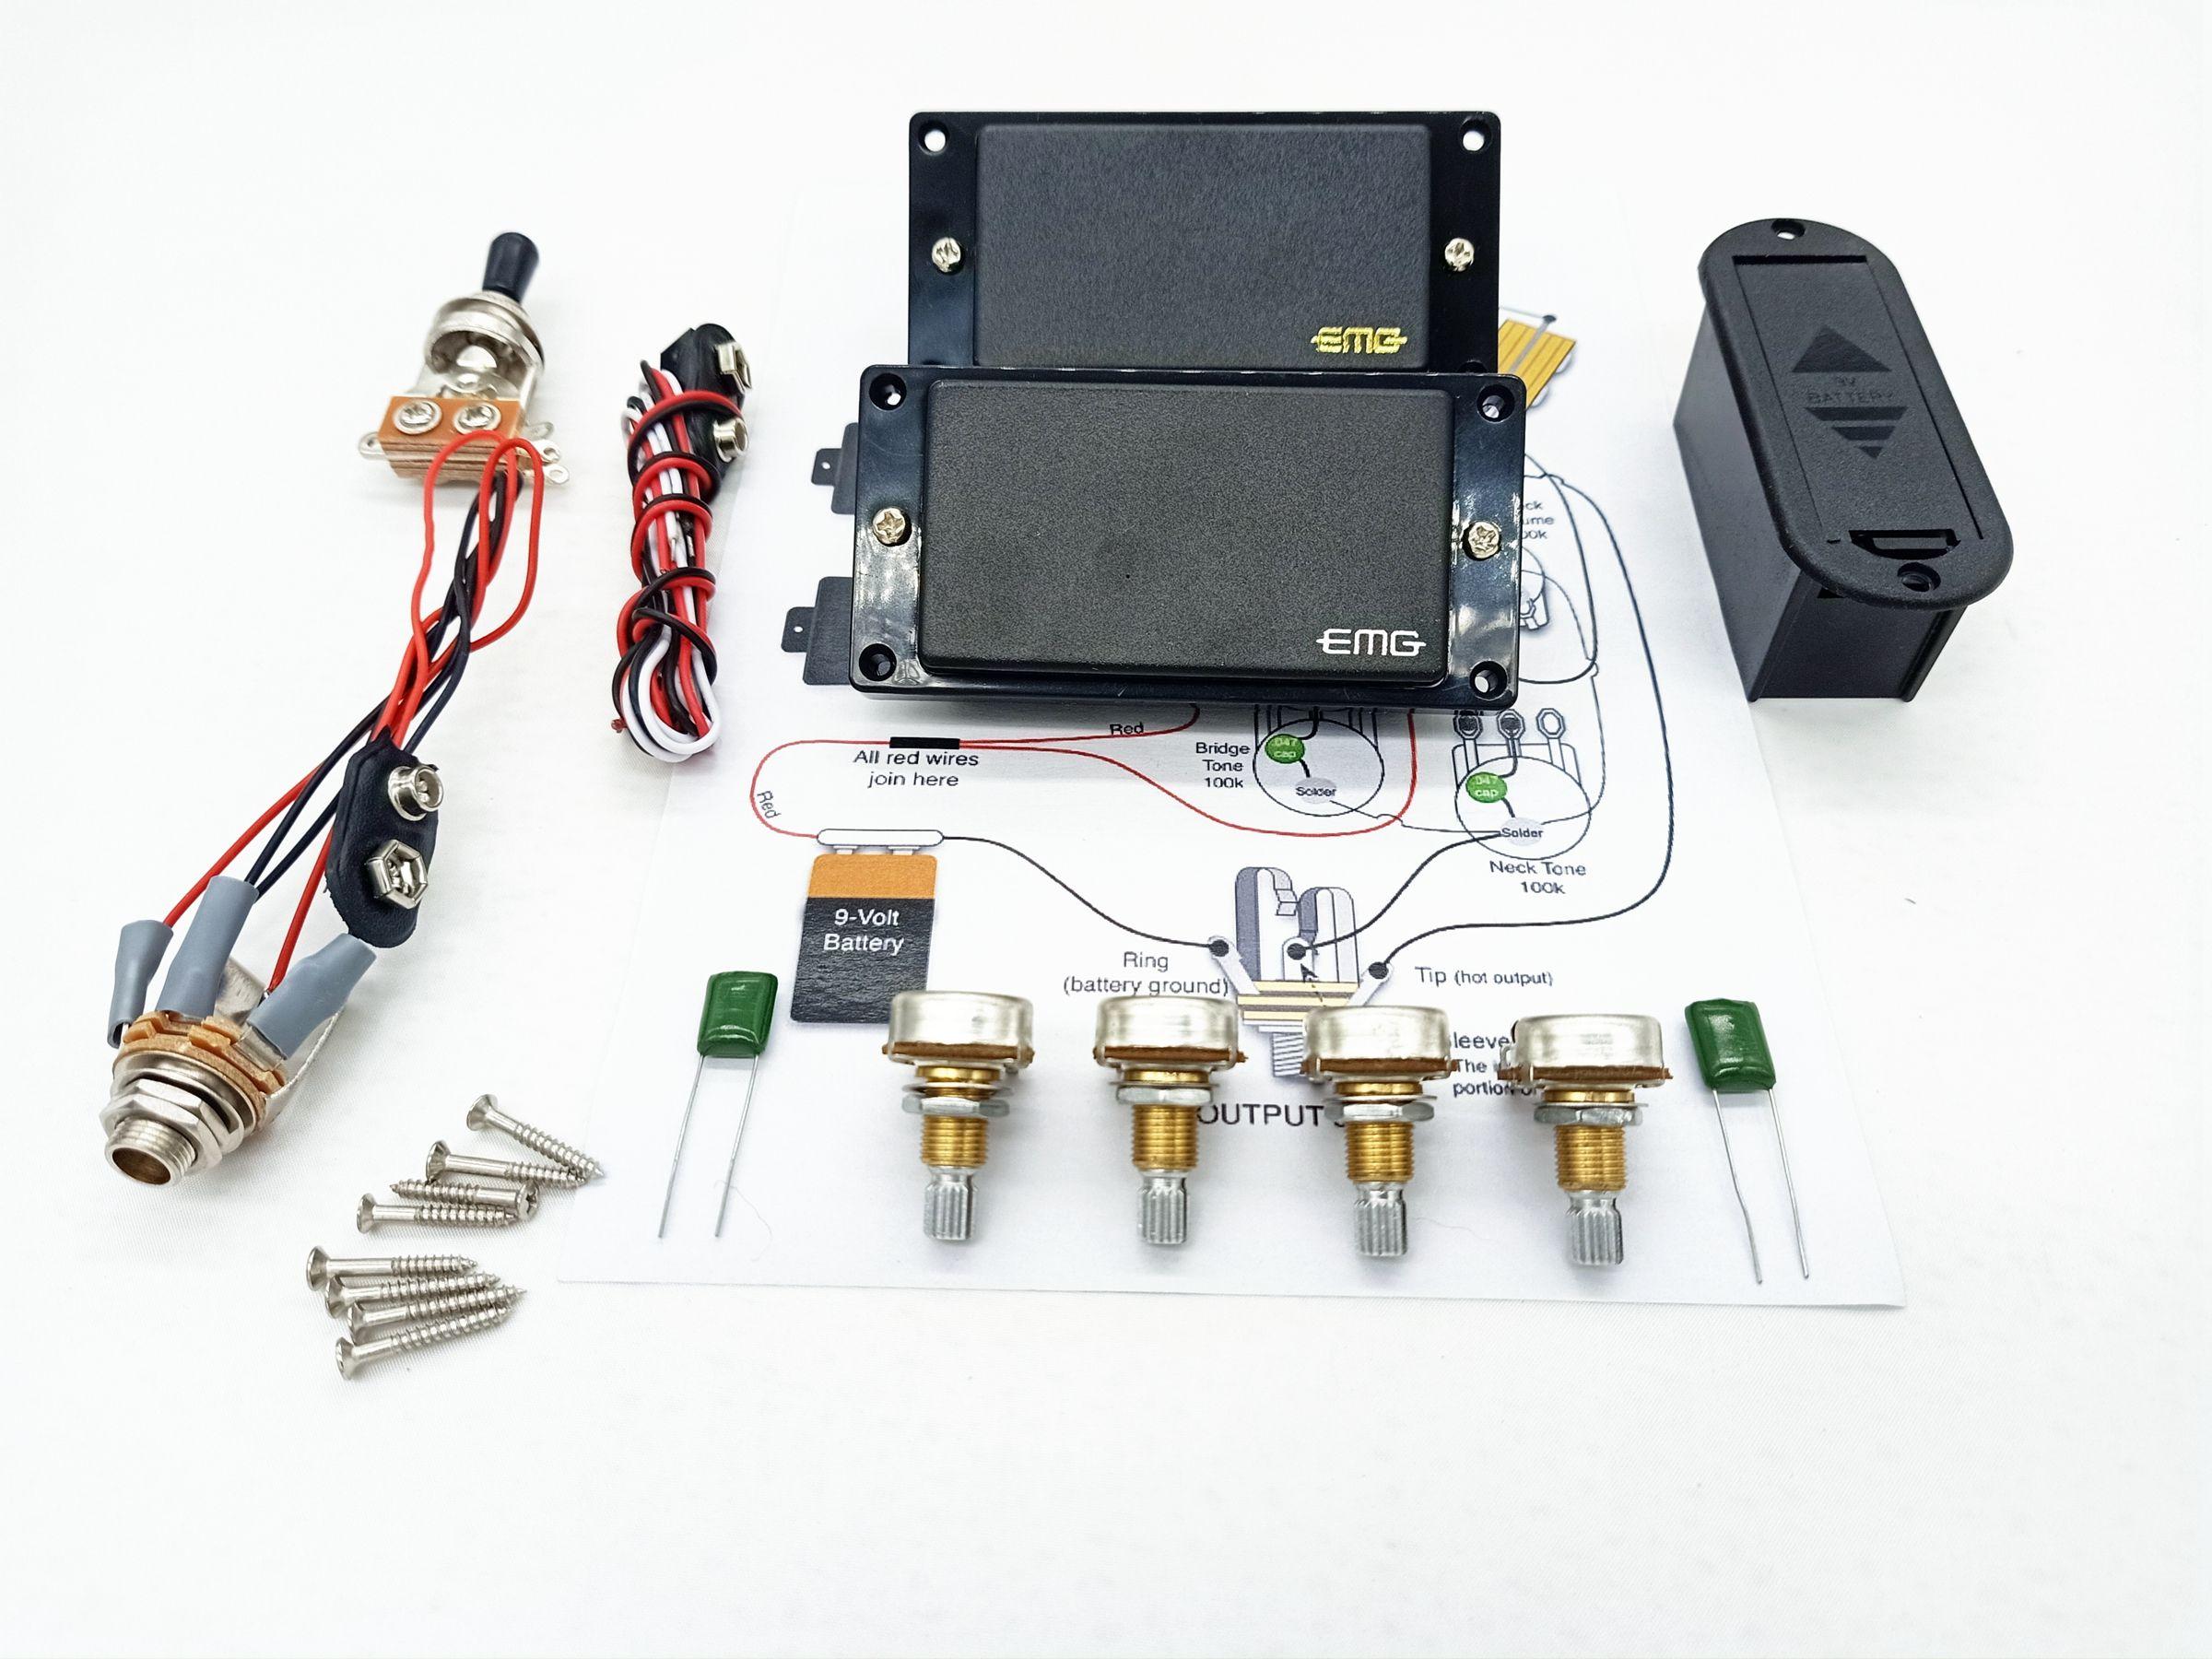 Pickups de guitarra eléctrica EMG Pickup activo Humbucker 9V Fuente de alimentación de la batería en stock